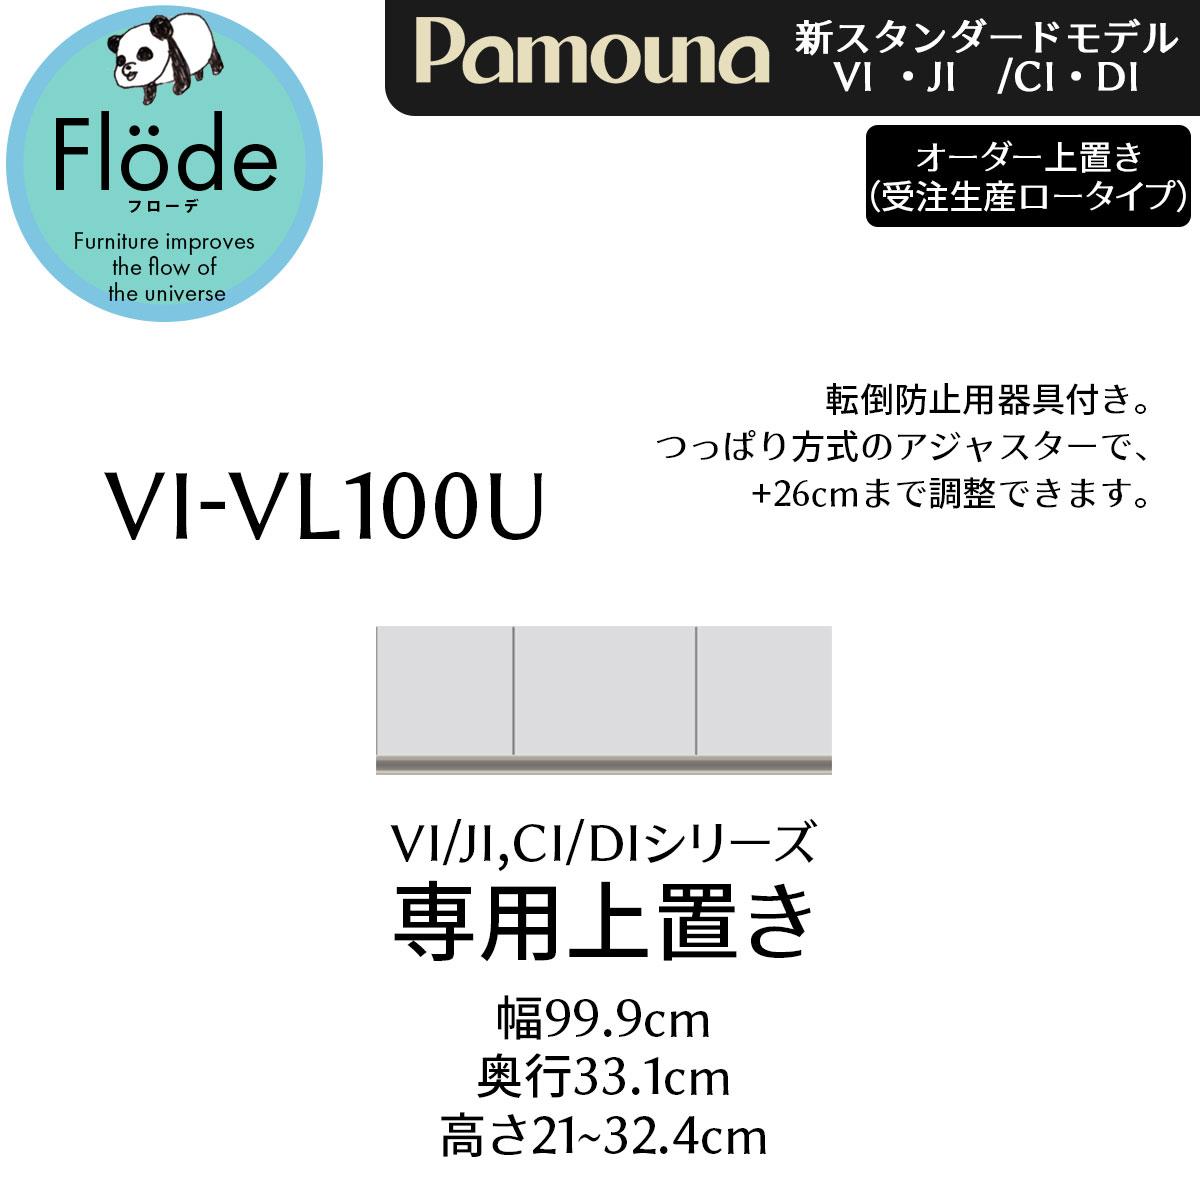 パモウナ 高さ オーダー上置 (食器棚VI/JI CI/DI用) 【幅99.8×高さ21-32.4cm】 VI-VL100U